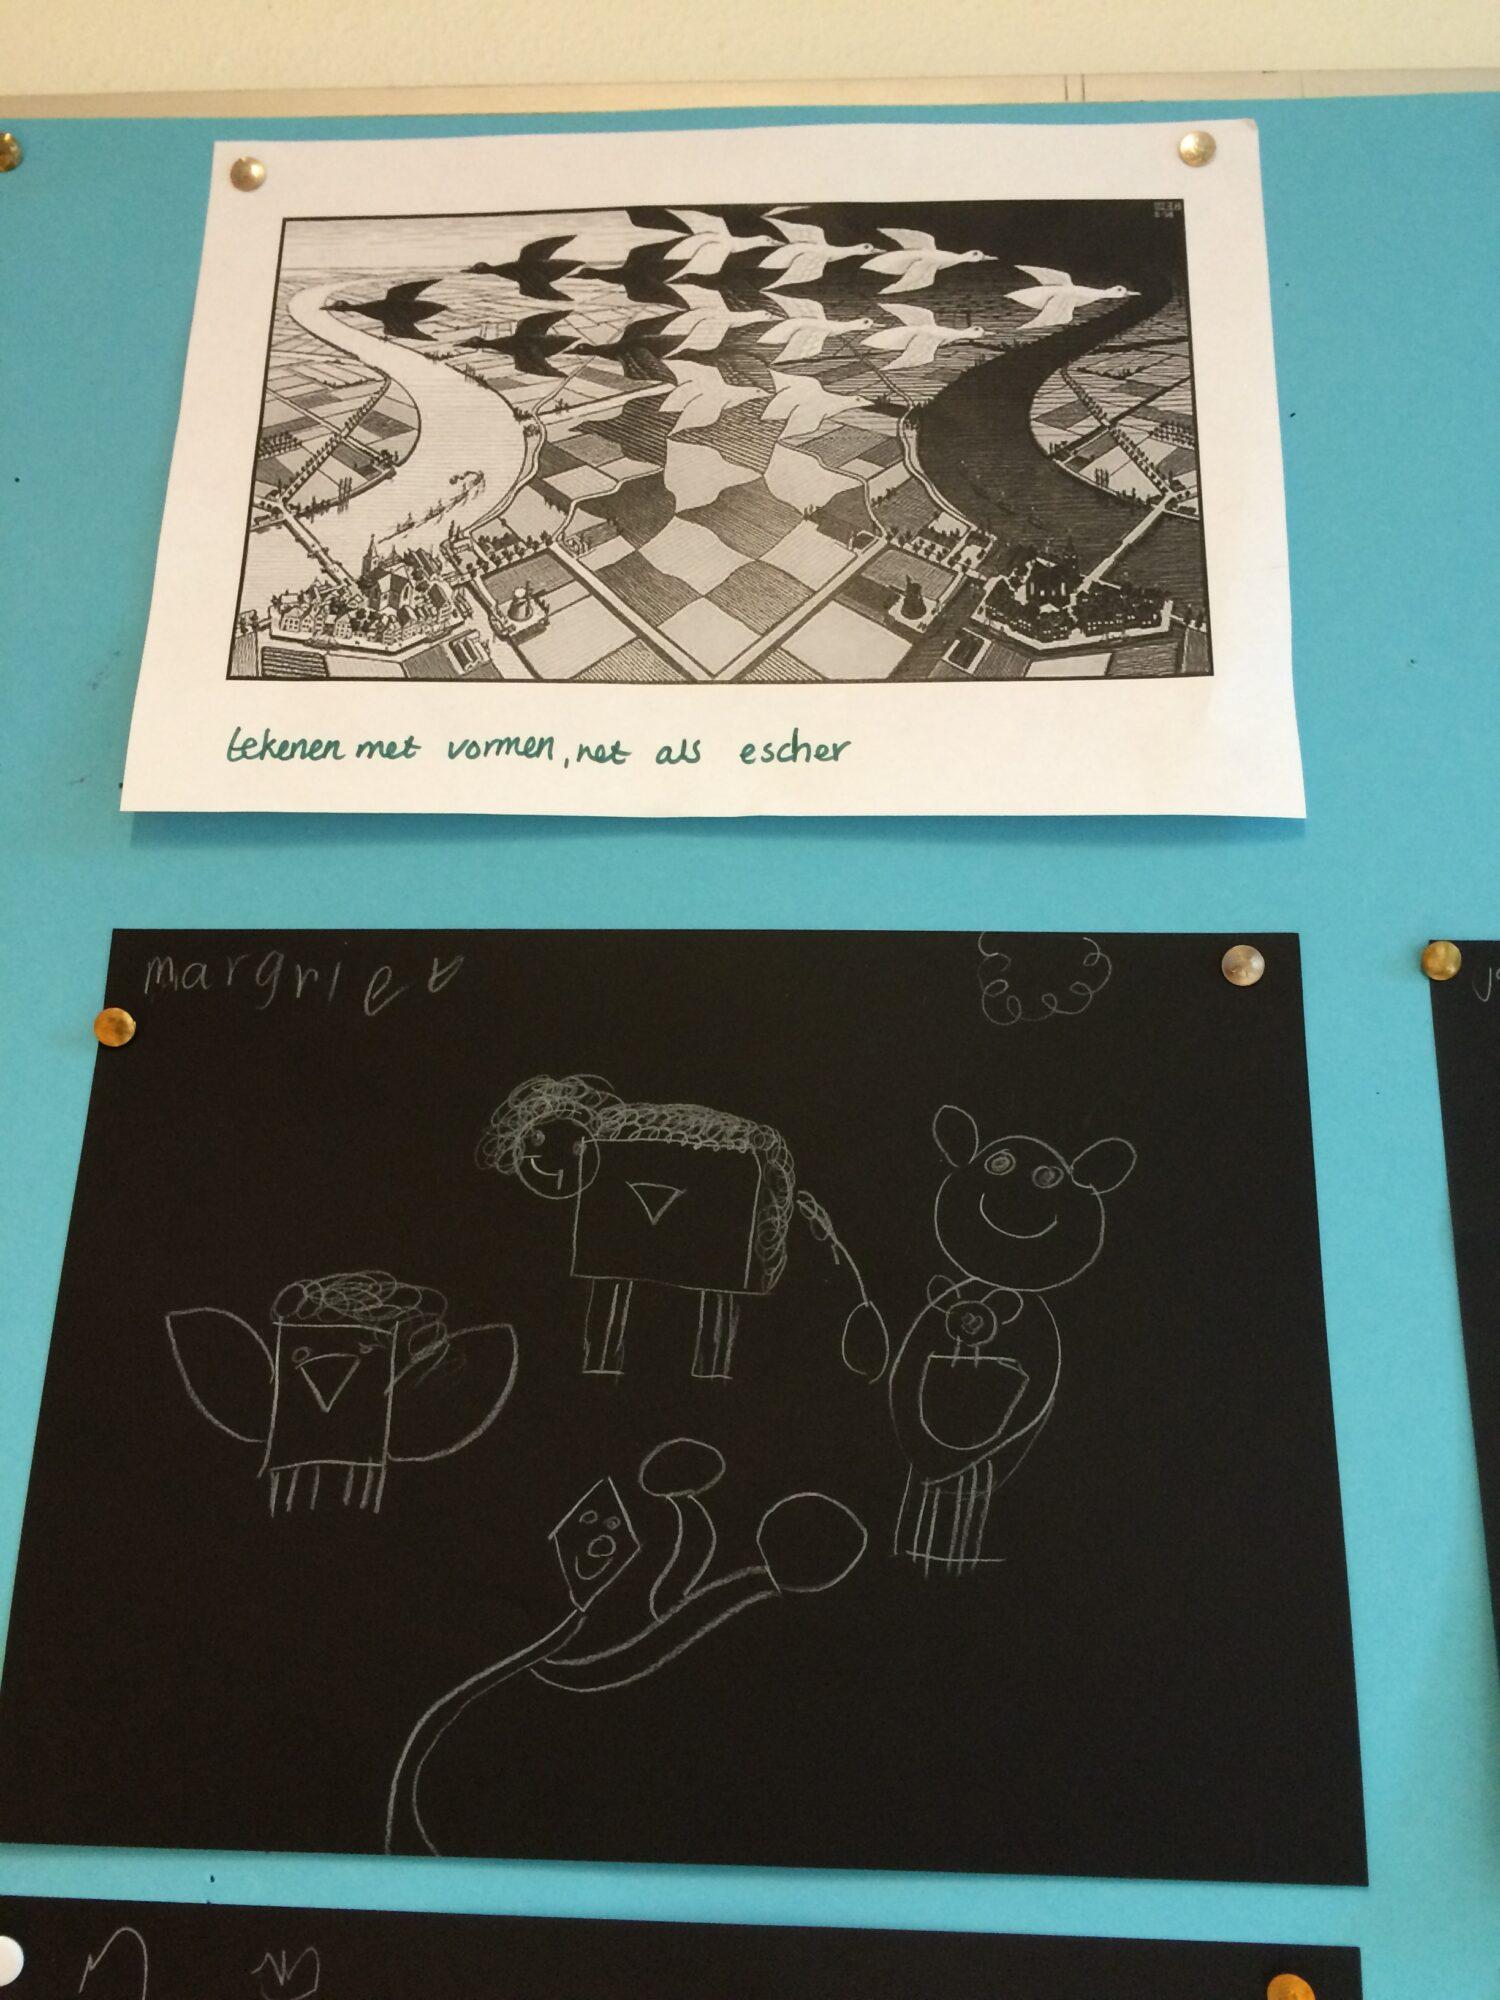 Tekenen zoals Escher